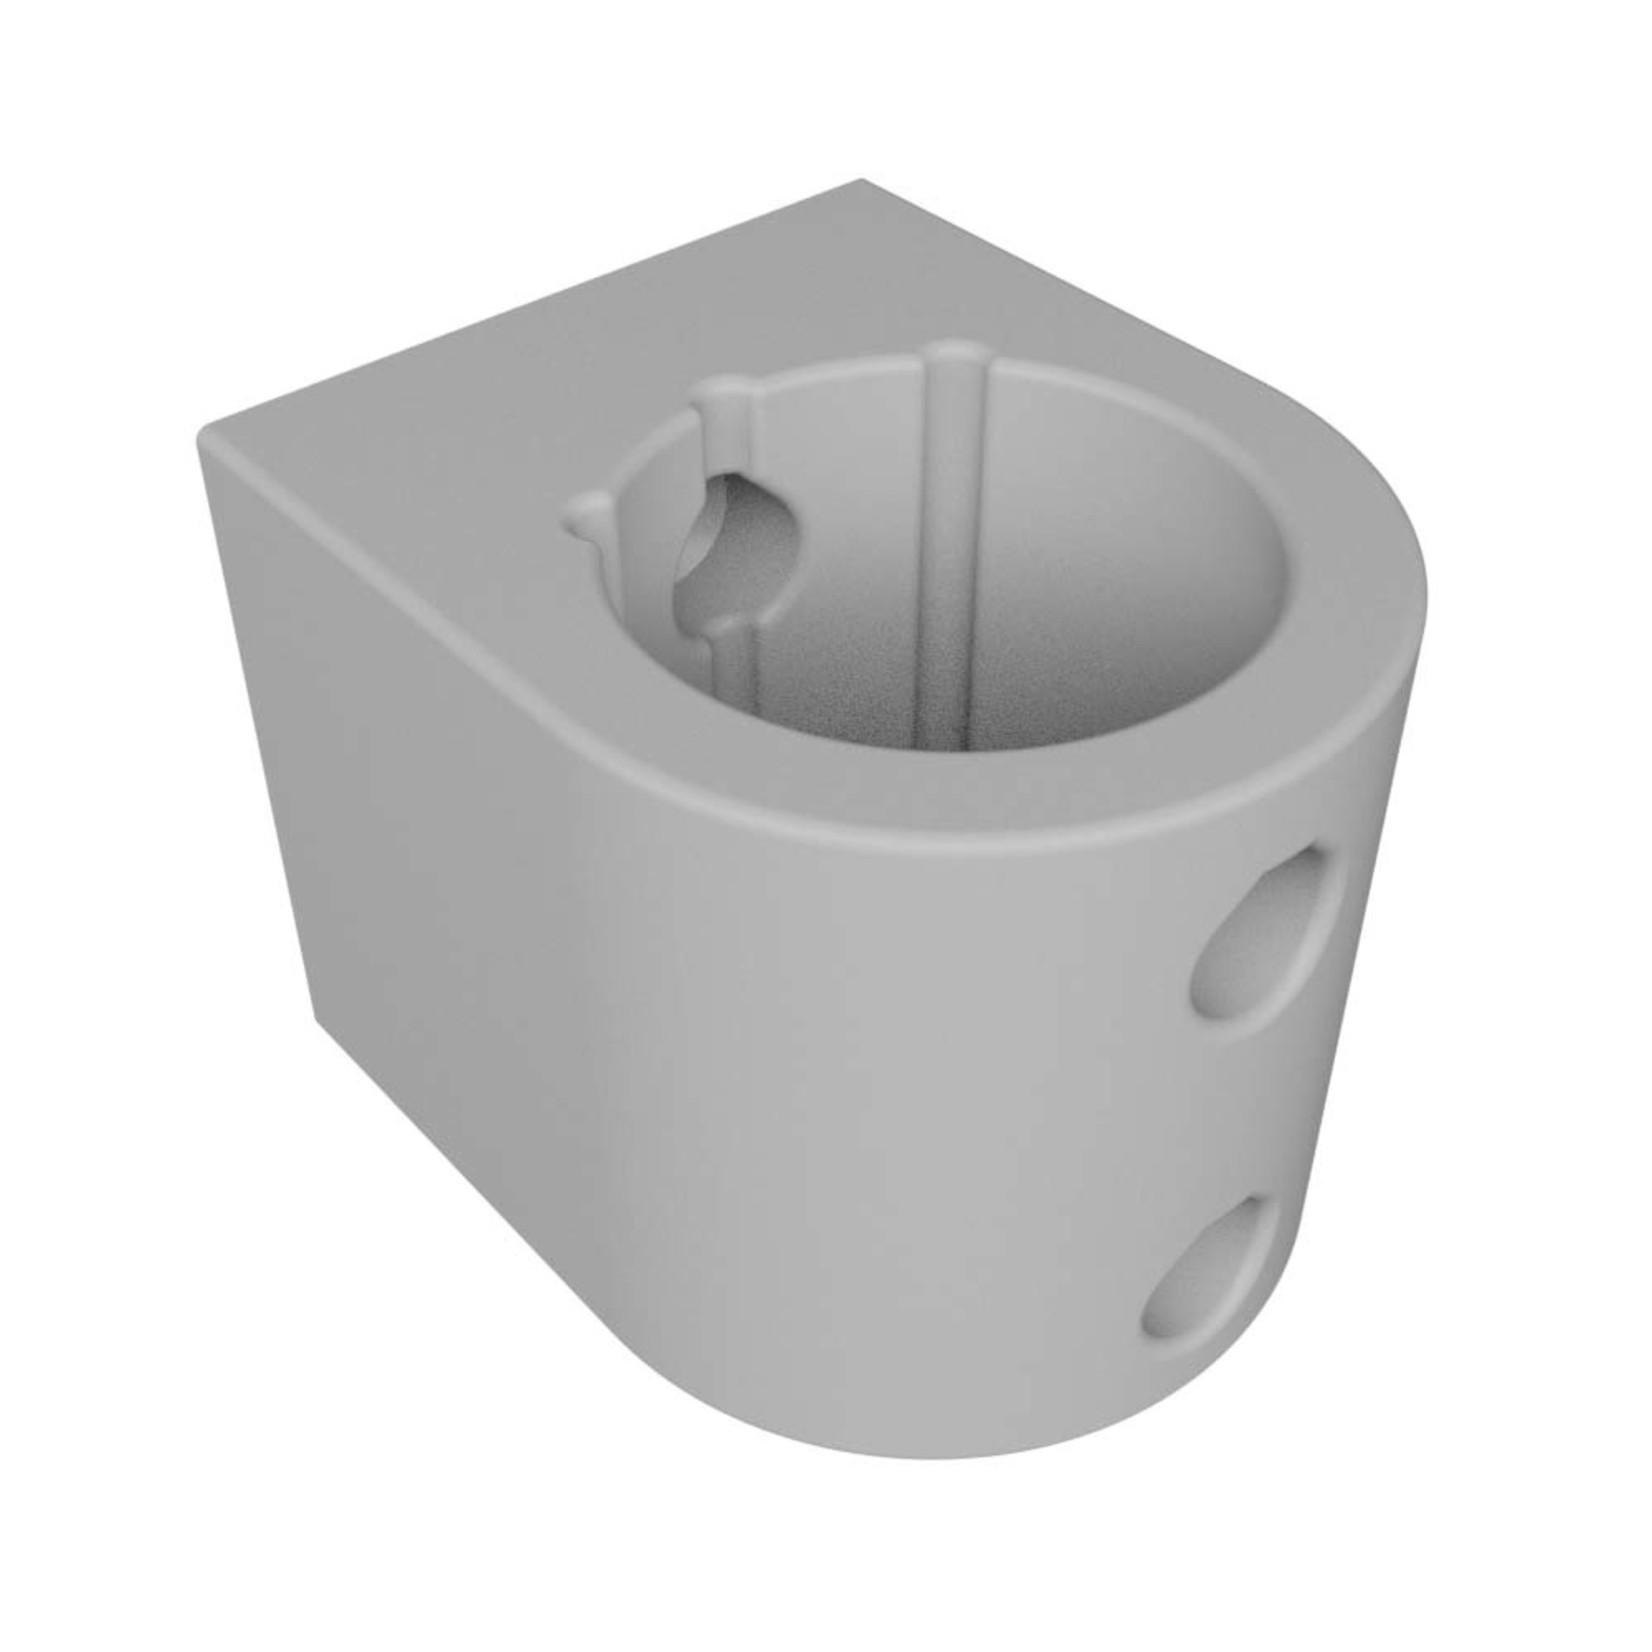 Umake Ultrabracket Wallmount Universeel   Extra ophangpunt voor je speaker